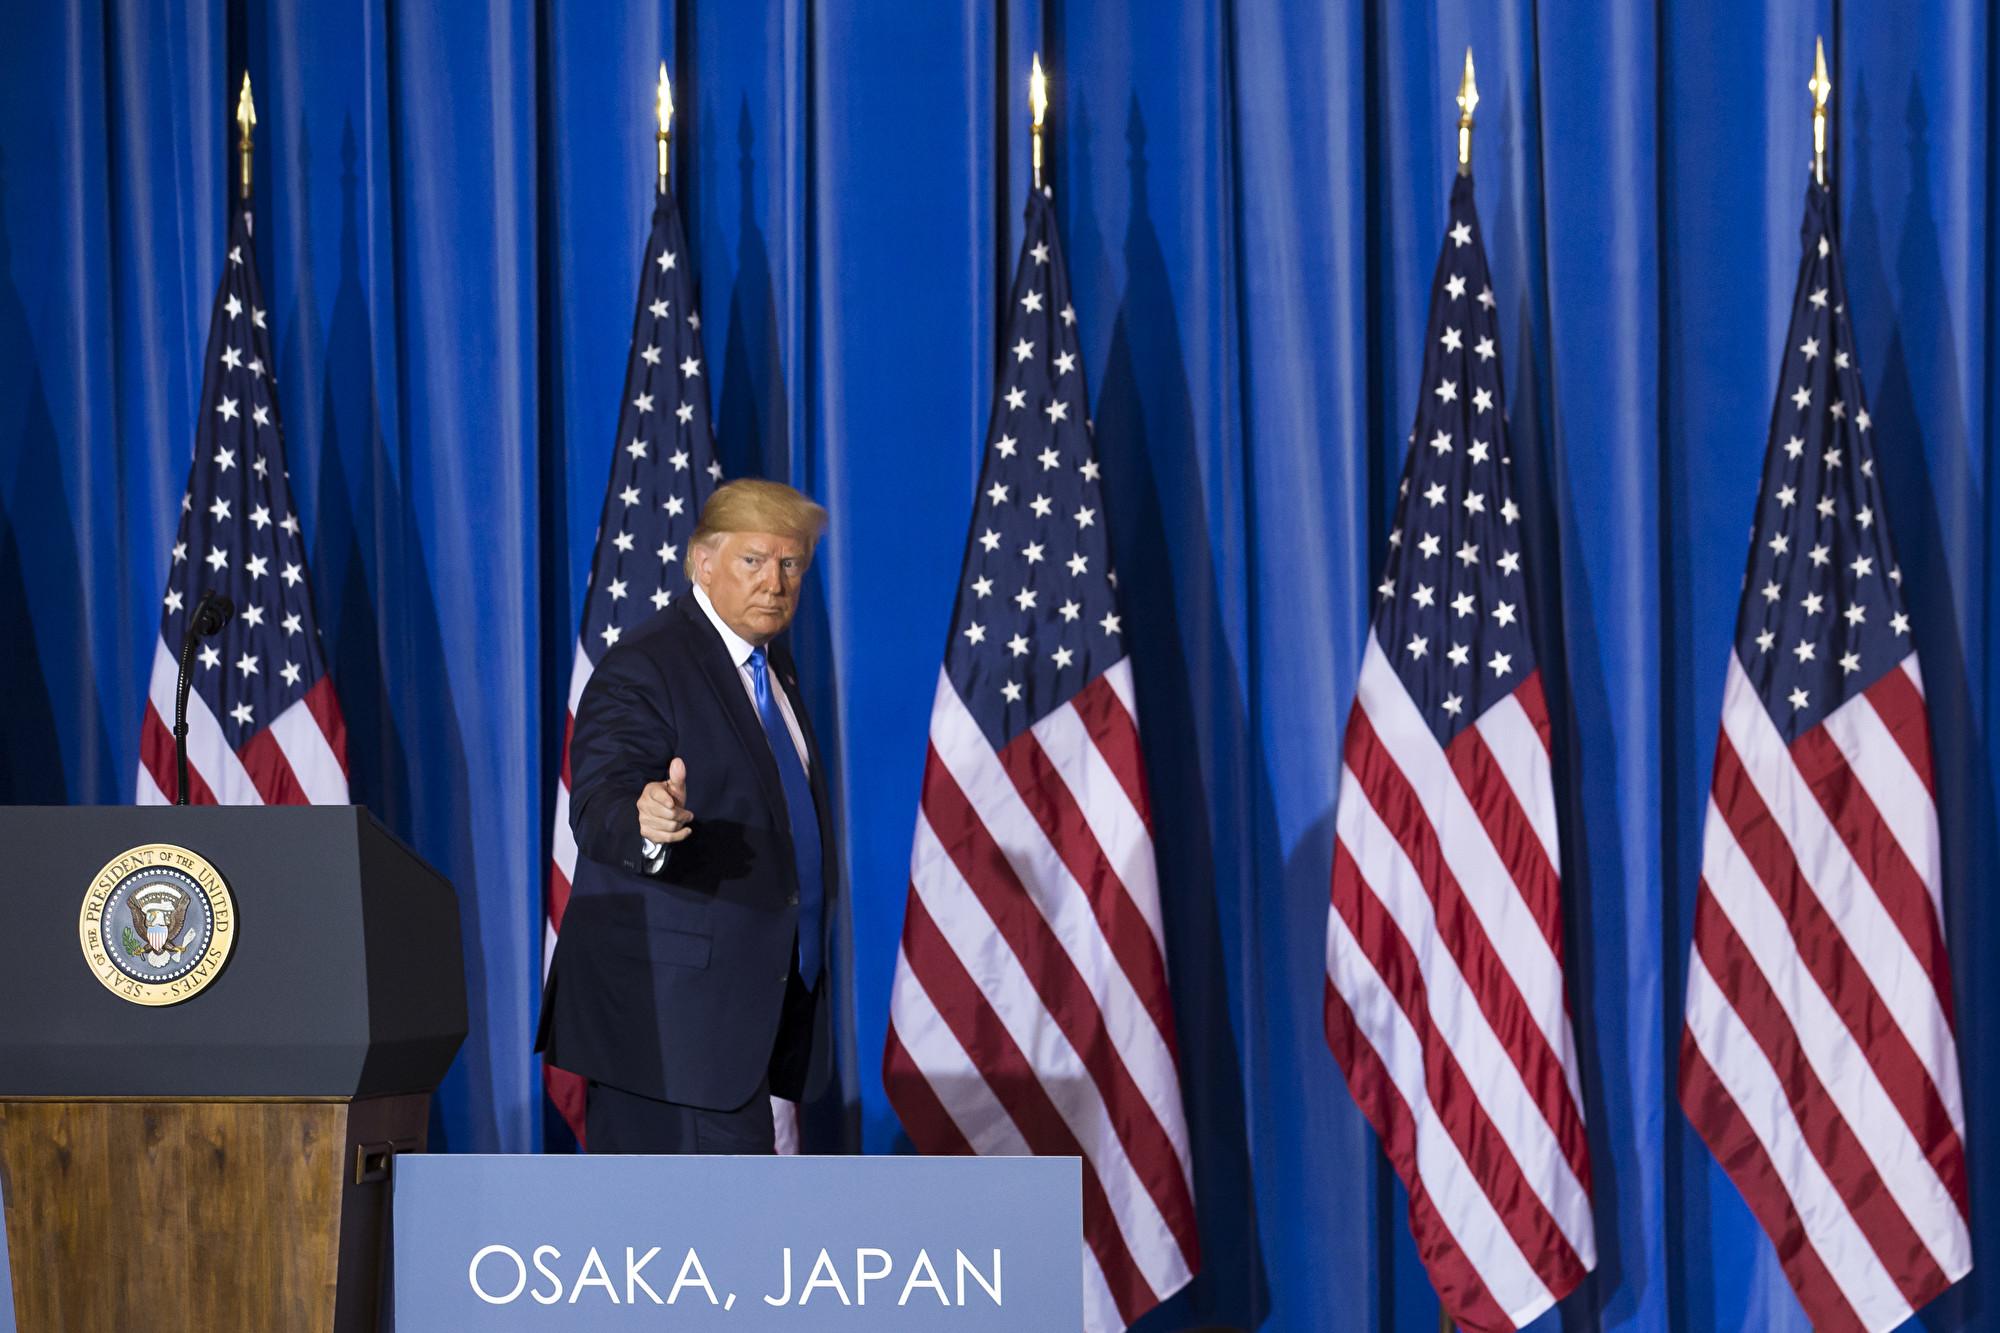 習特會後 特朗普談貿易戰和習近平